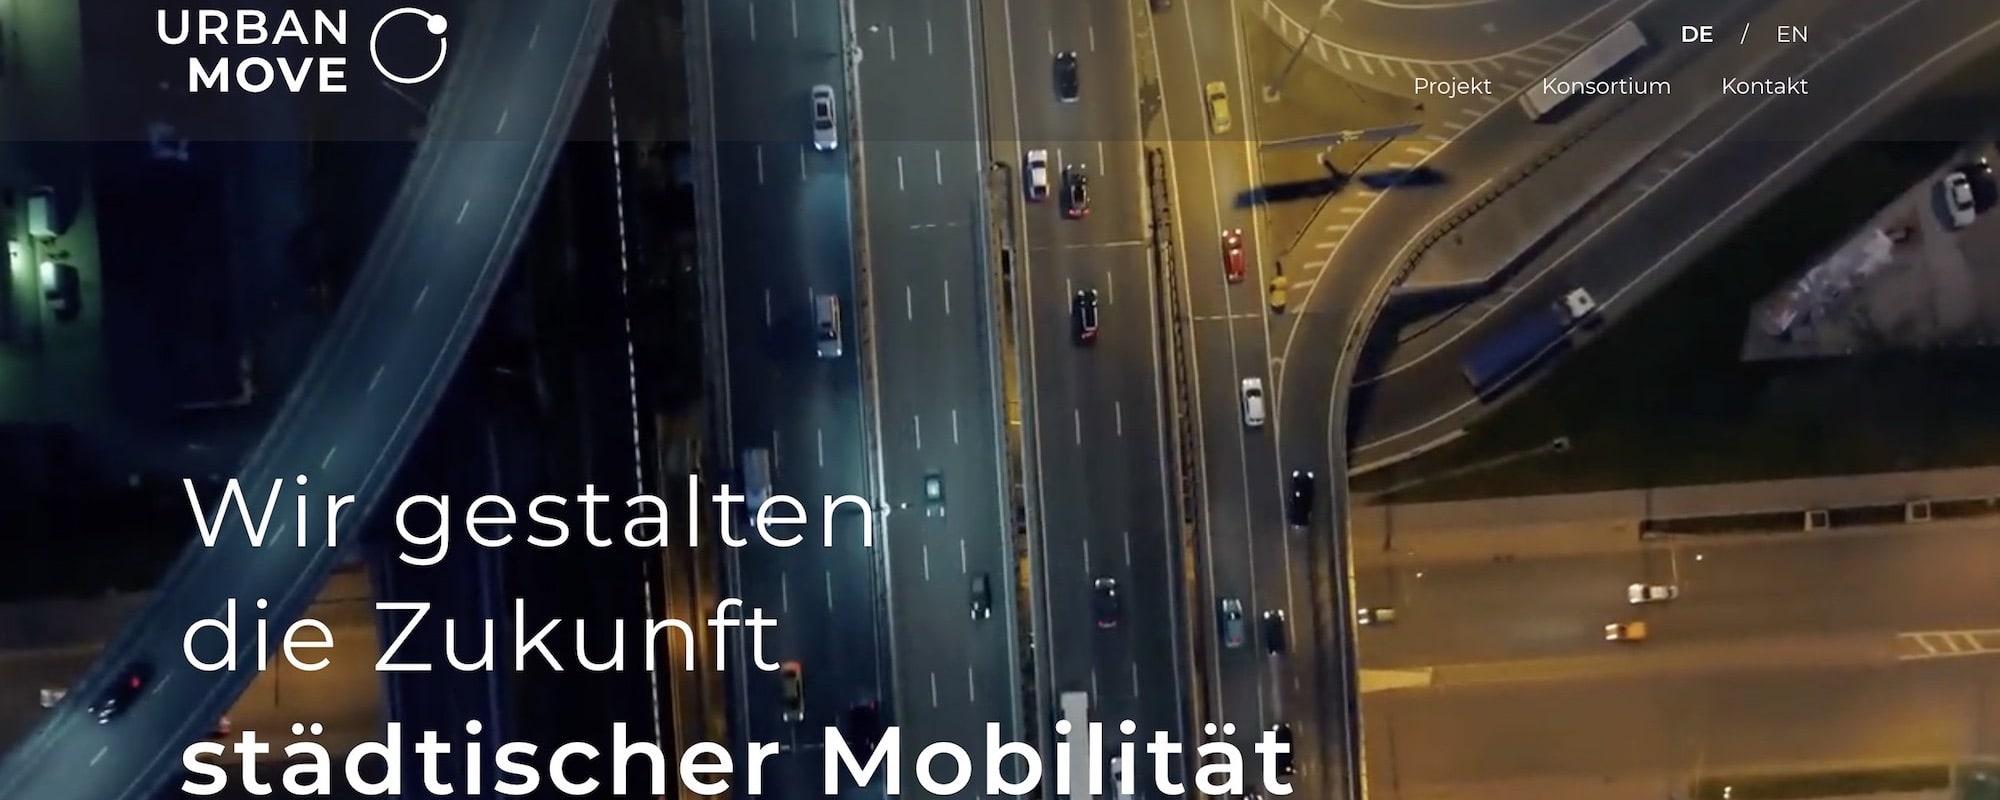 Urbane Mobilität der Zukunft – Der autonome Bus kommt